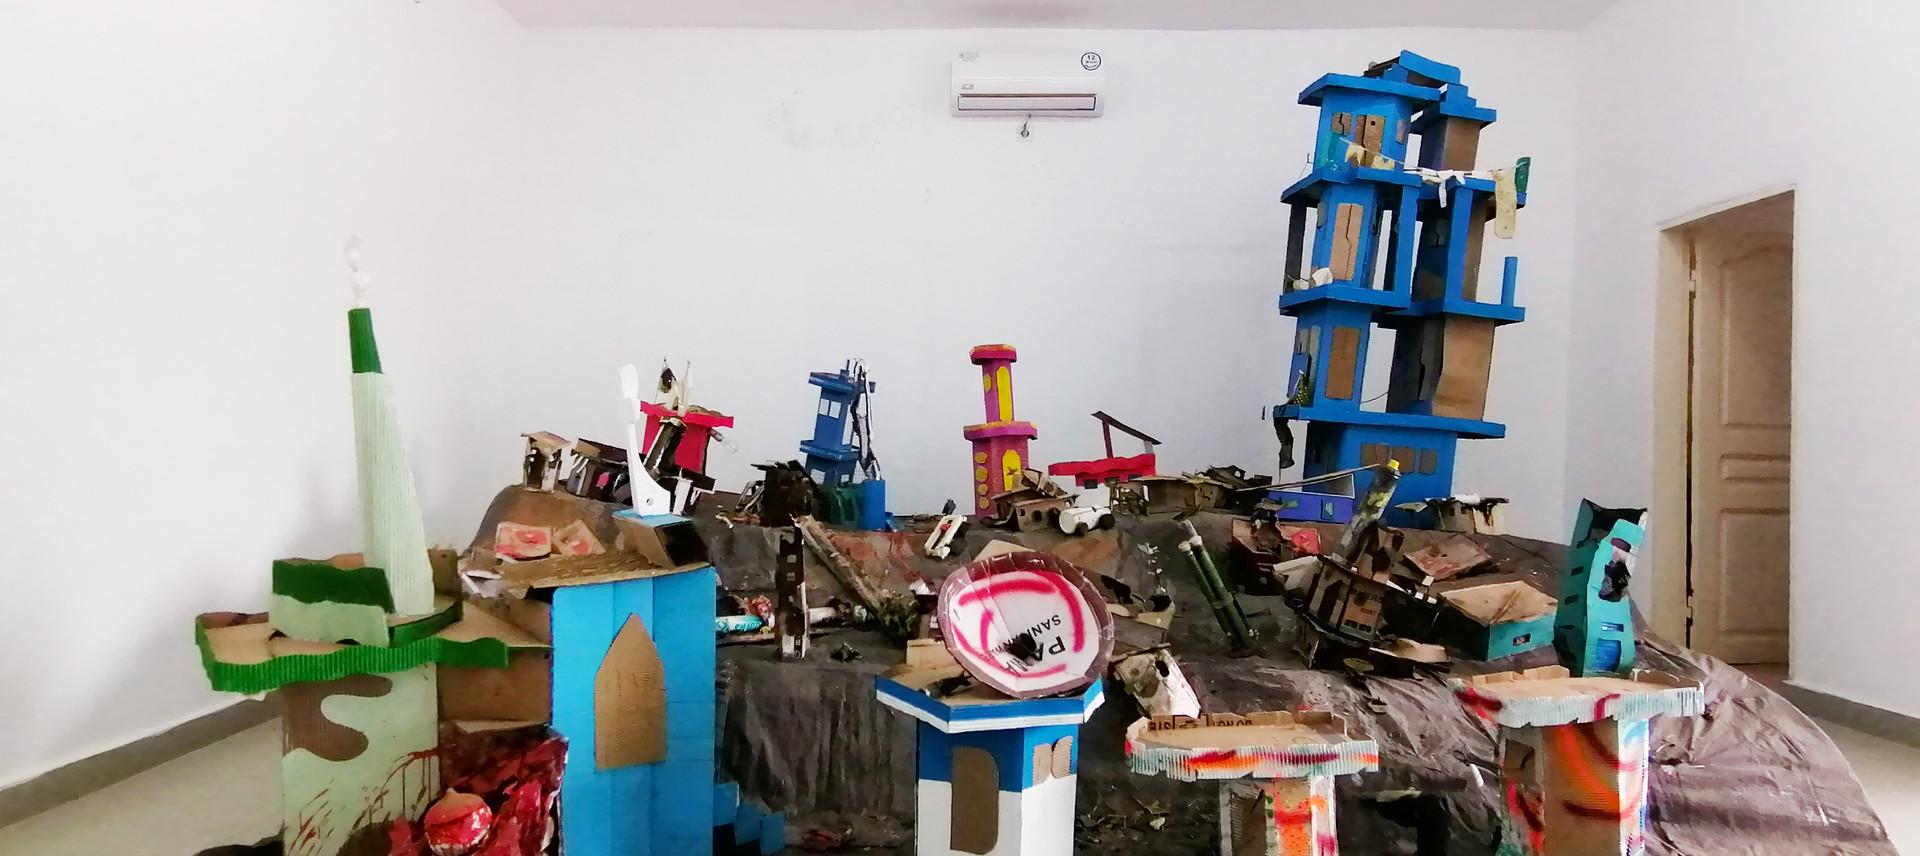 Les 3 salles d'expositions